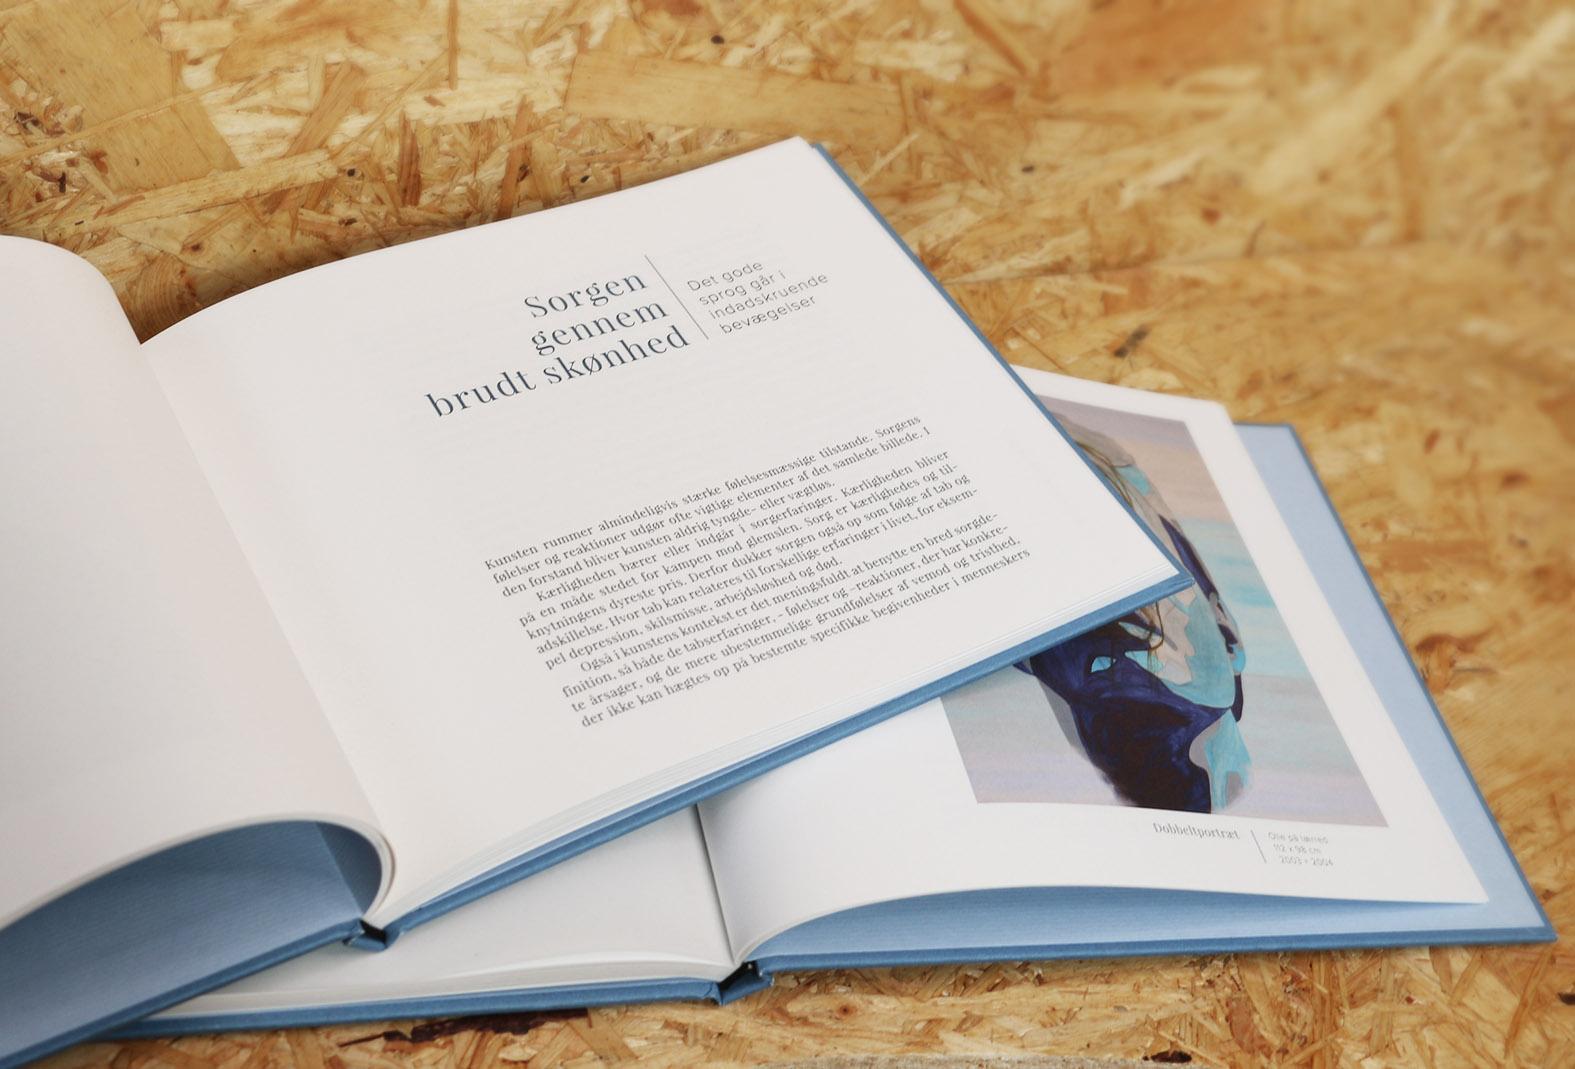 Bogdesign_Den_brudte_skønhed_grafisk design